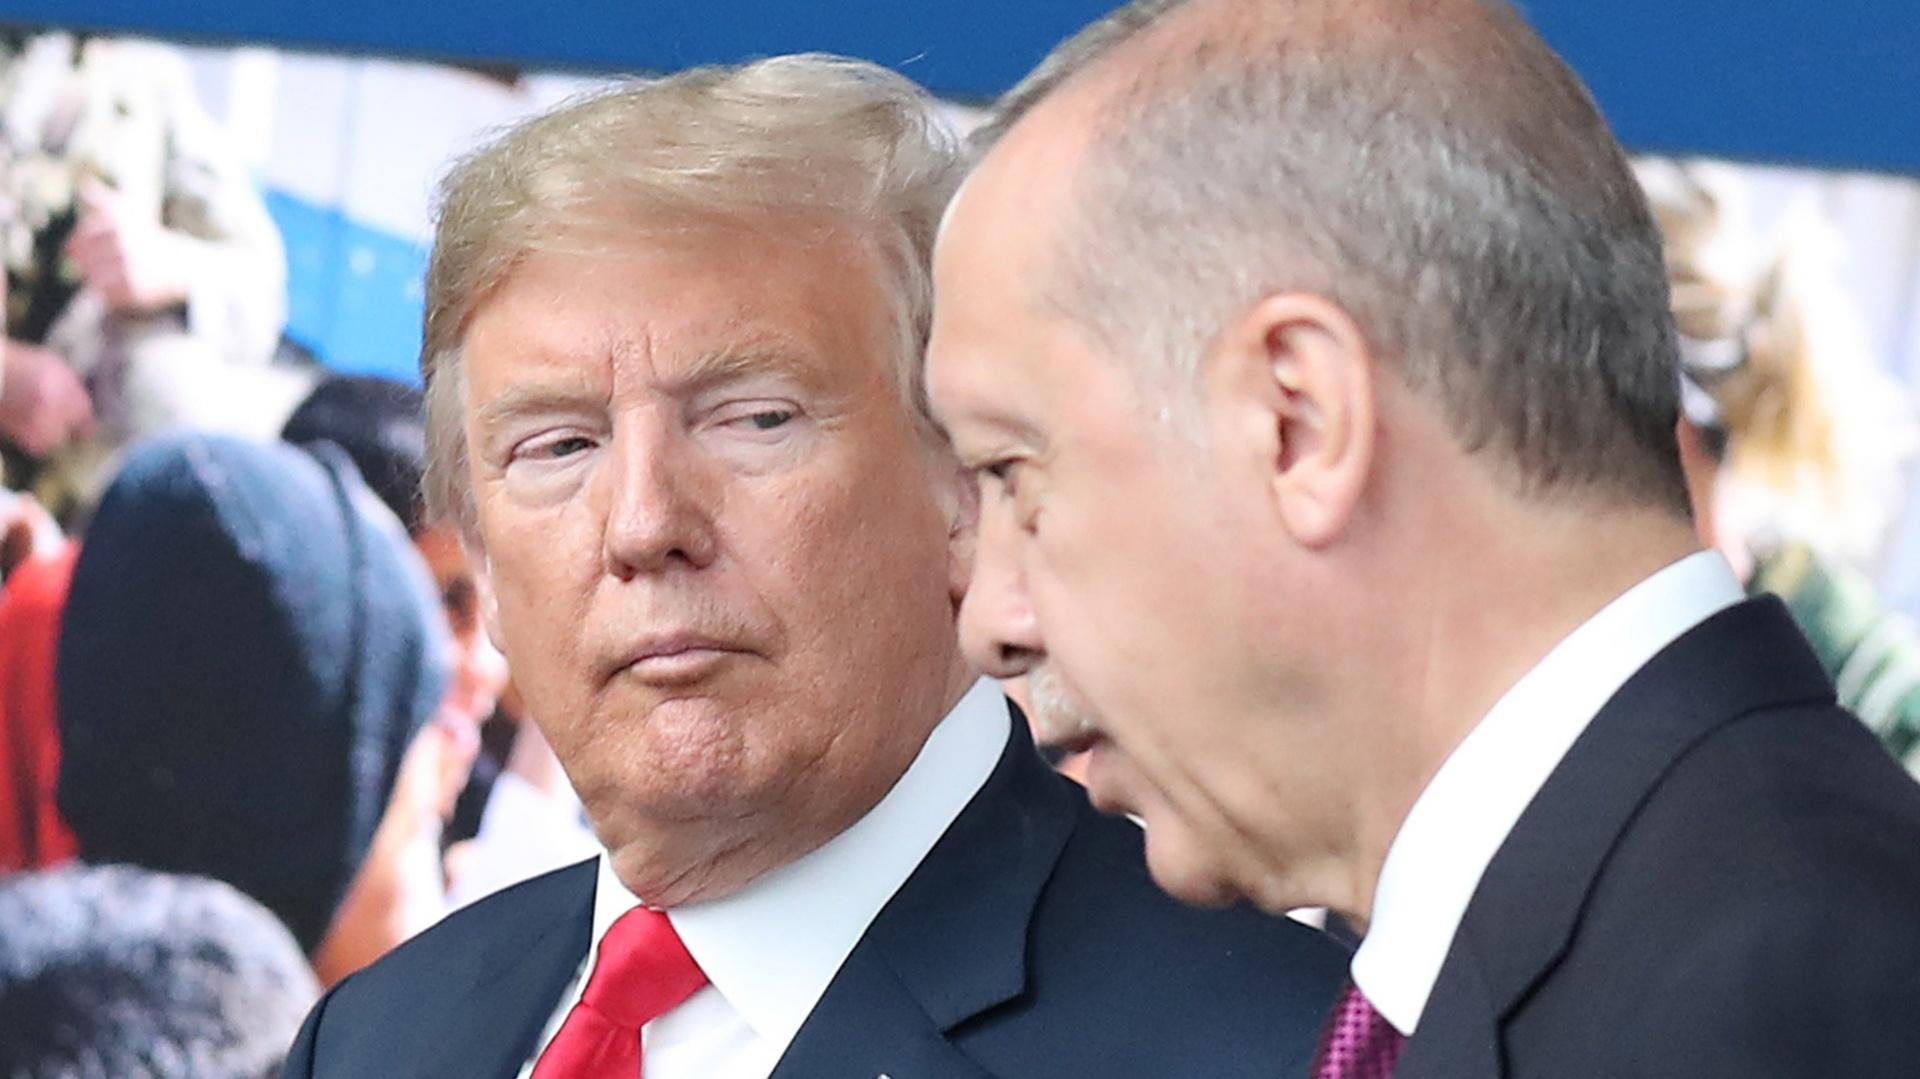 Съединените щати отправиха нов призив към Турция да освободи протестантския